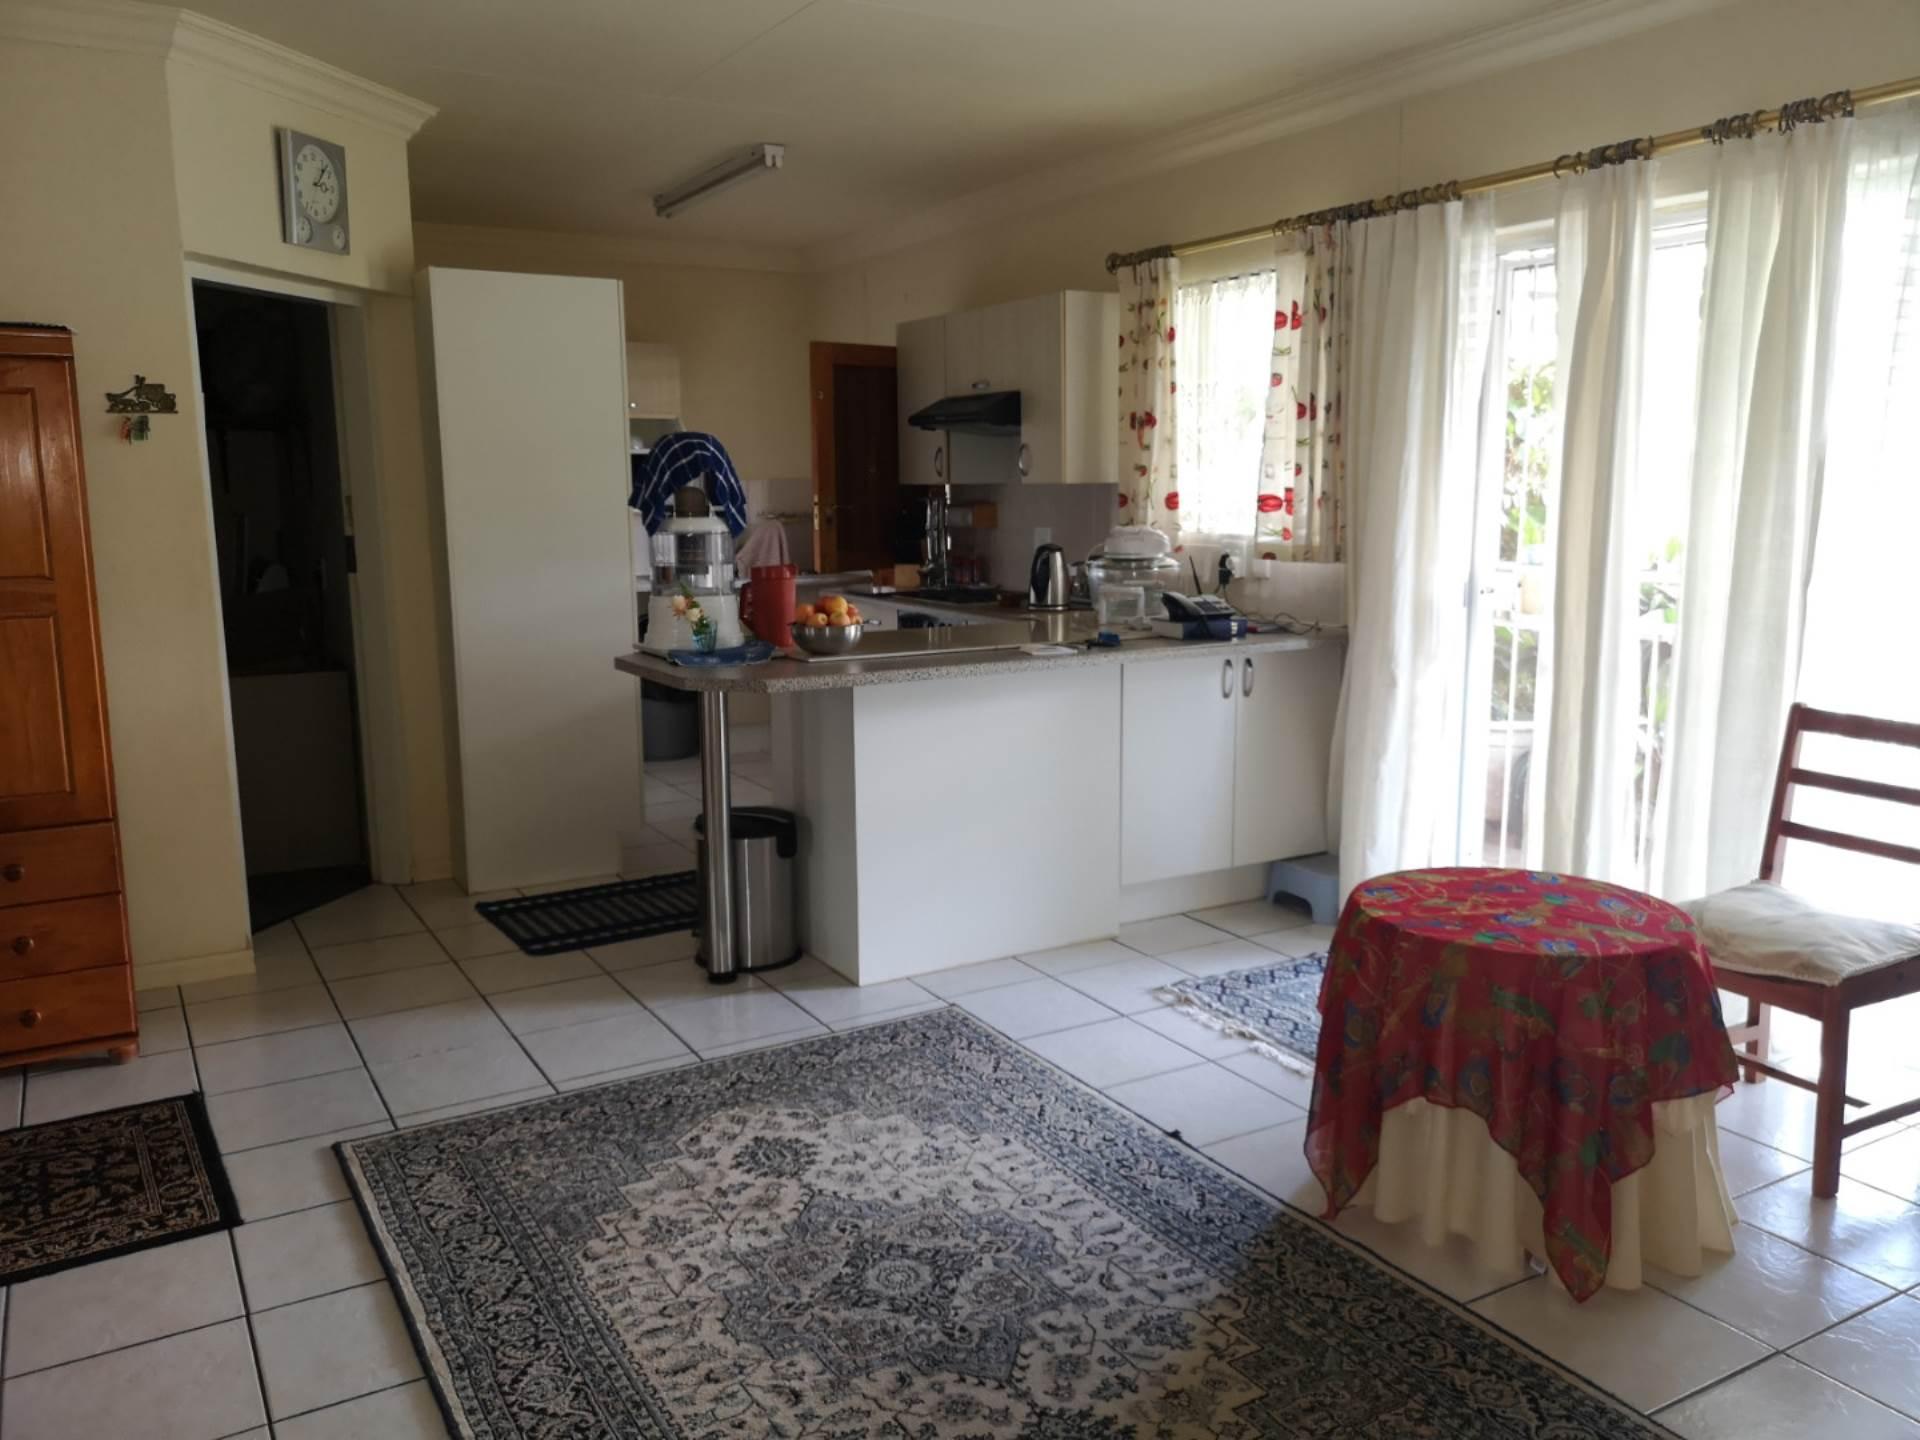 Retirement Village For Sale In Ninapark, Akasia, Gauteng for